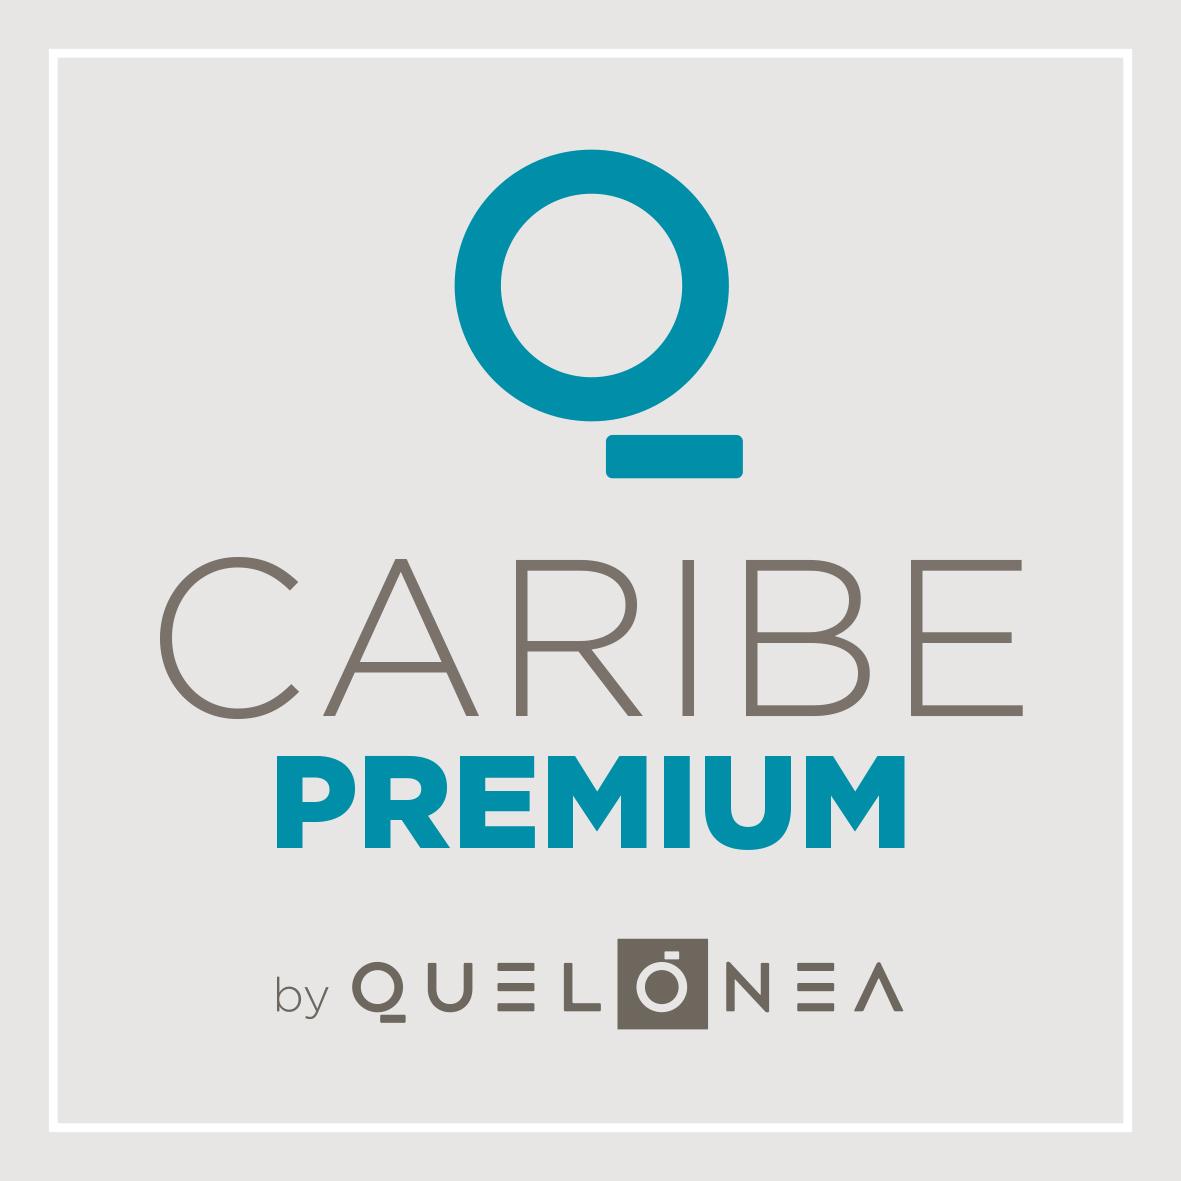 Estancias en La Habana (Caribe Premium)